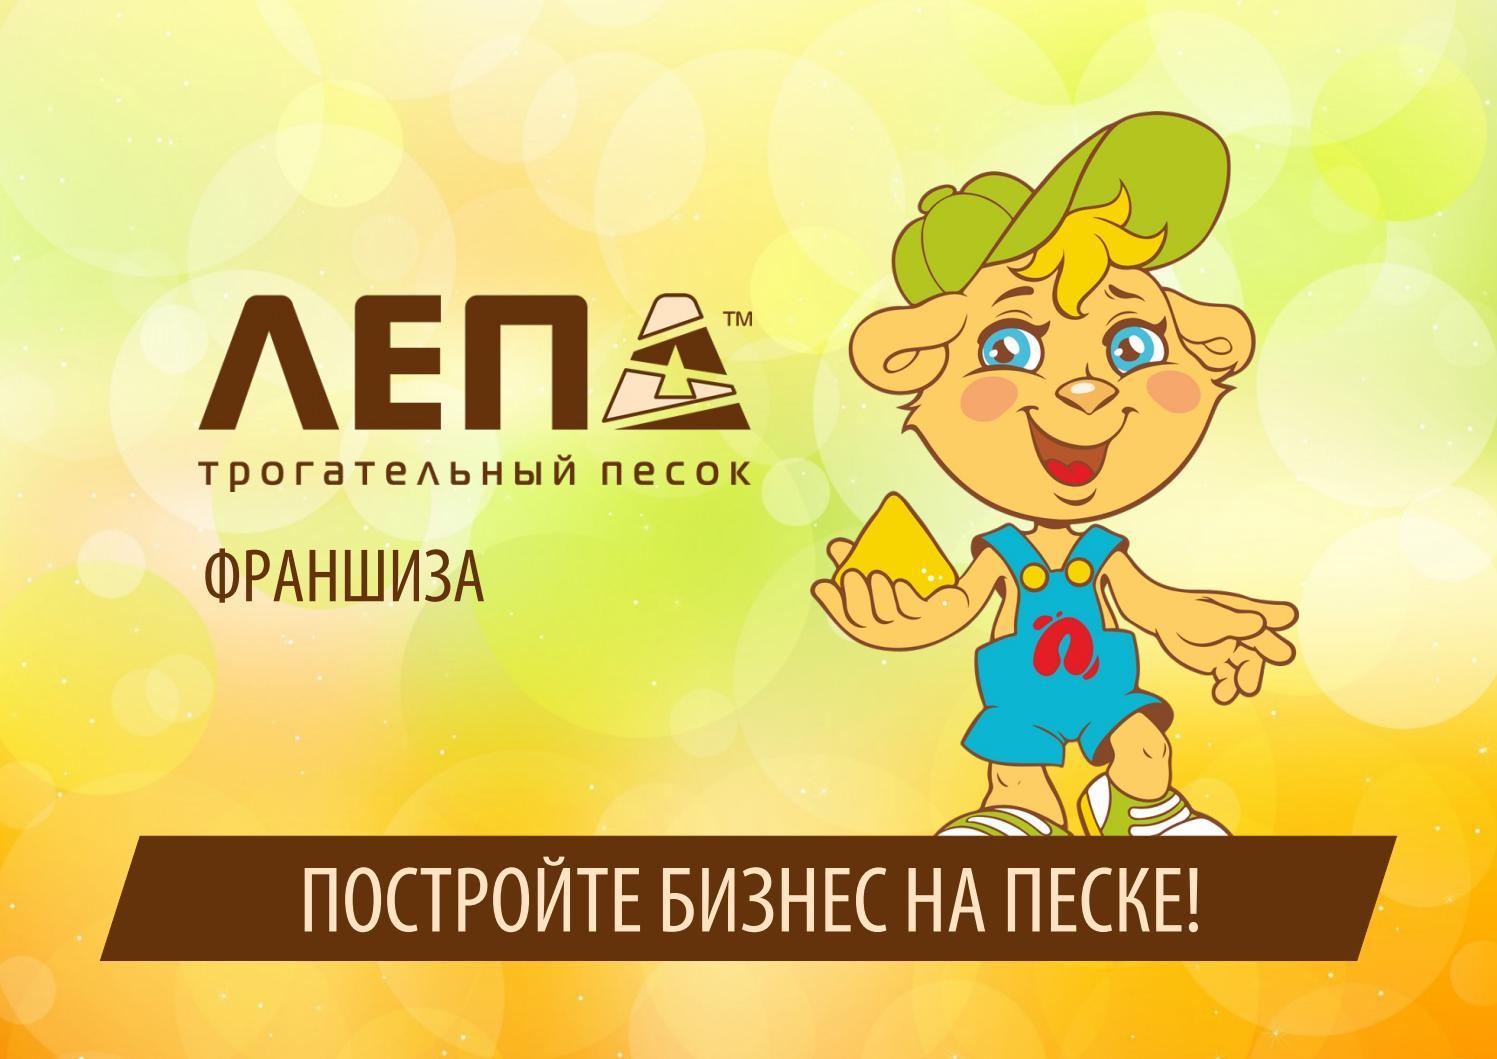 Франшиза Трогательный песок Лепа.